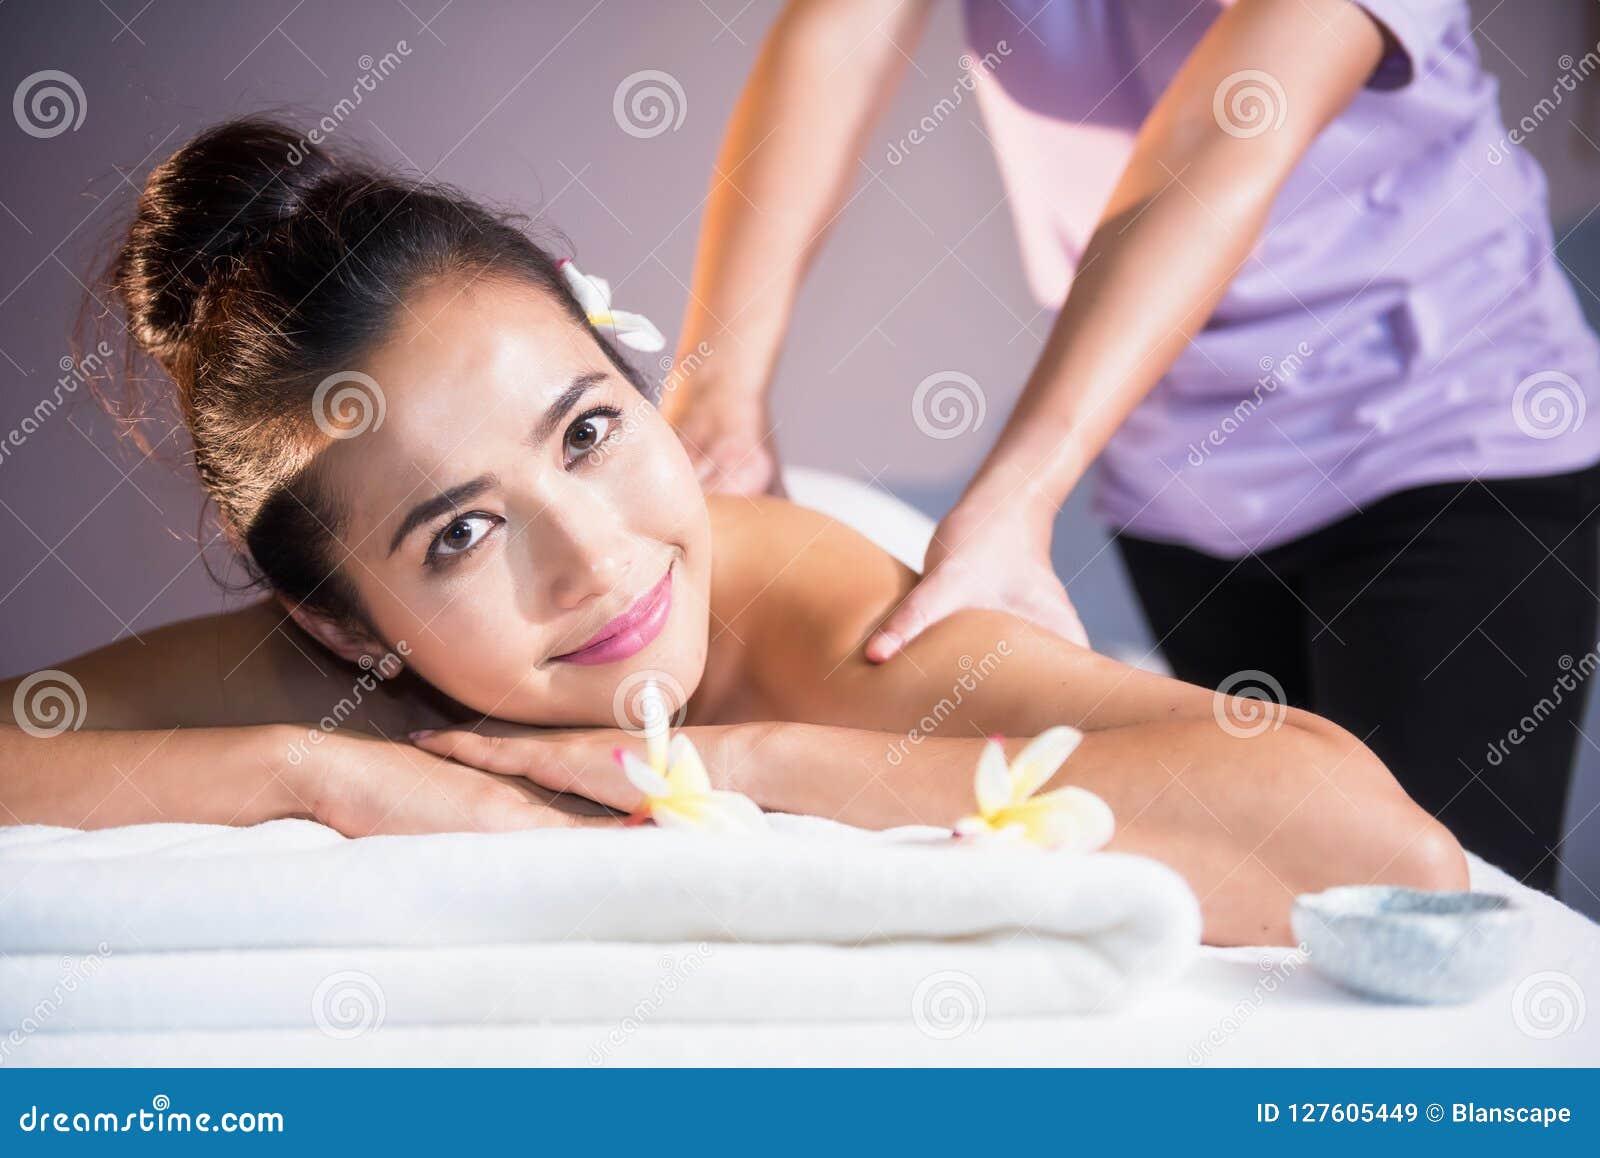 Asian Girl Oiled Massage